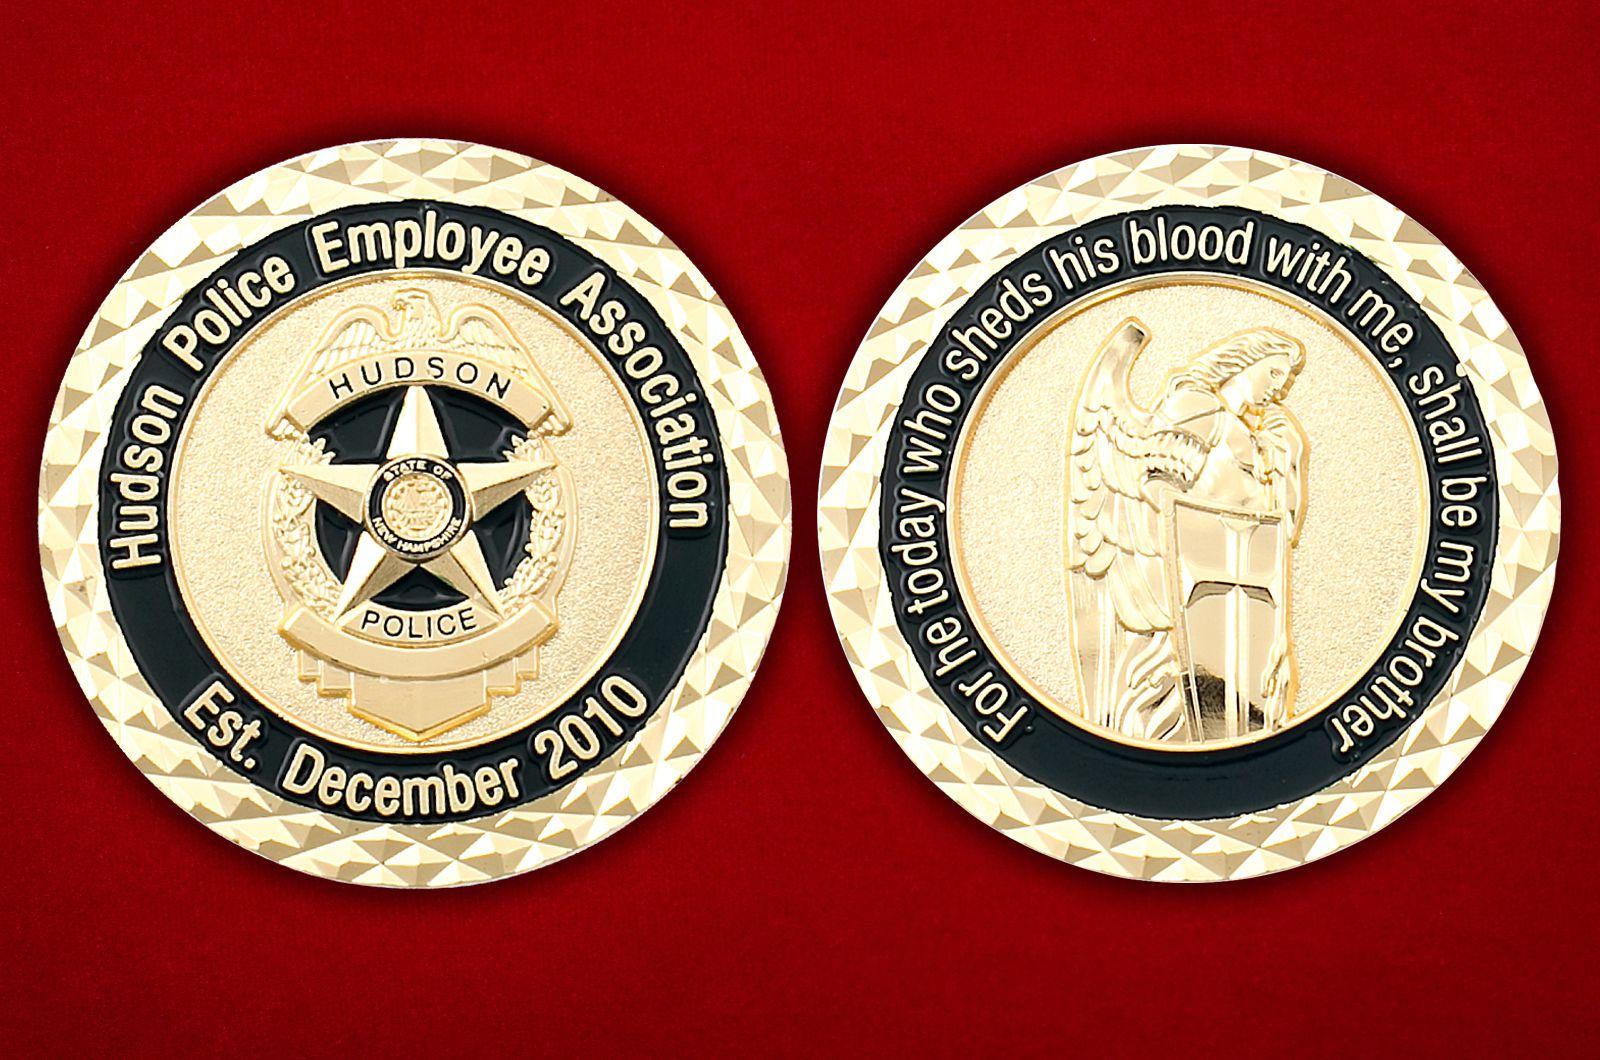 Челлендж коин Ассоциации сотрудников полиции Хадсона (Нью-Гемпшир) - аверс и реверс